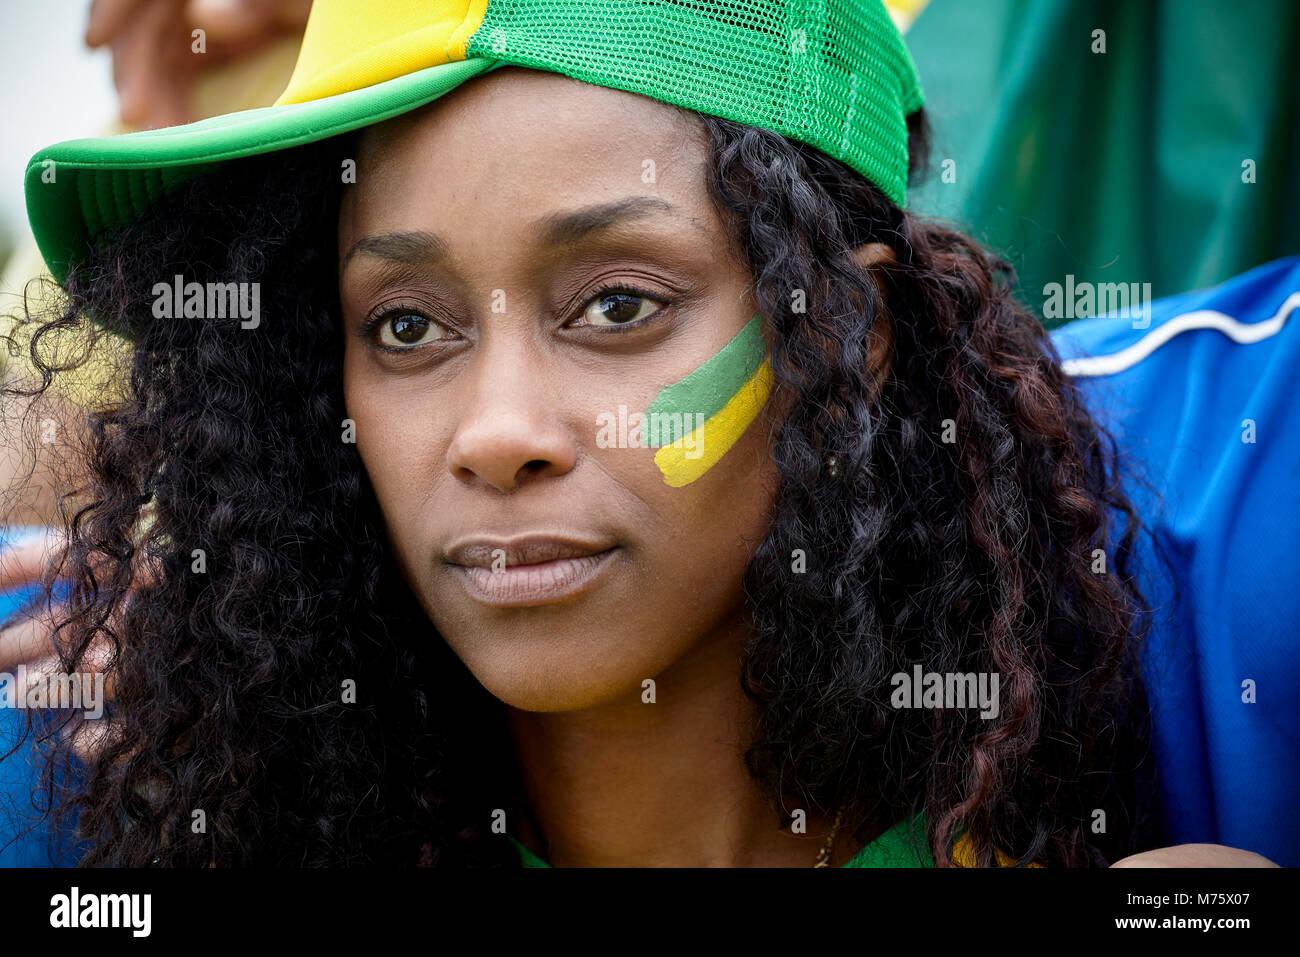 Brasilianischen Fußball-Fan mit Hut und Gesicht Farbe, Porträt Stockbild